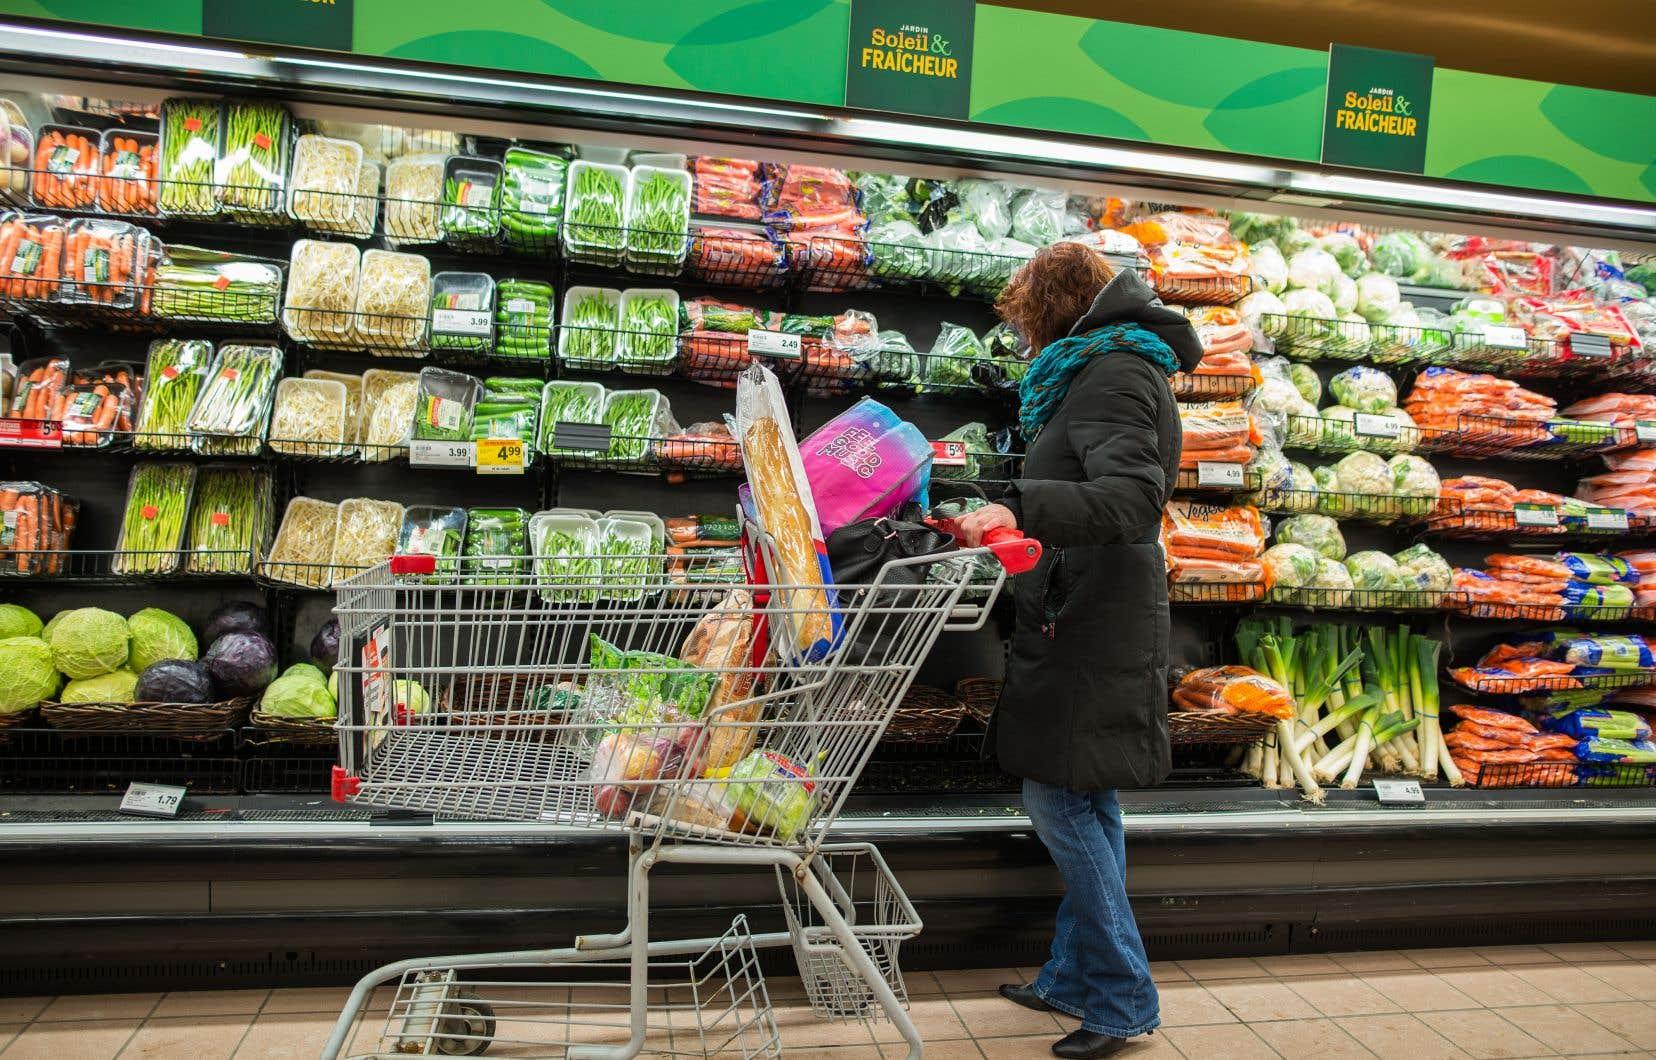 Nous sommes inquiets des manoeuvres de l'industrie alimentaire et des entreprises publicitaires pour influencer la Stratégie en matière de saine alimentation alors que celles-ci semblent fragiliser les politiques clés en matière de santé publique.